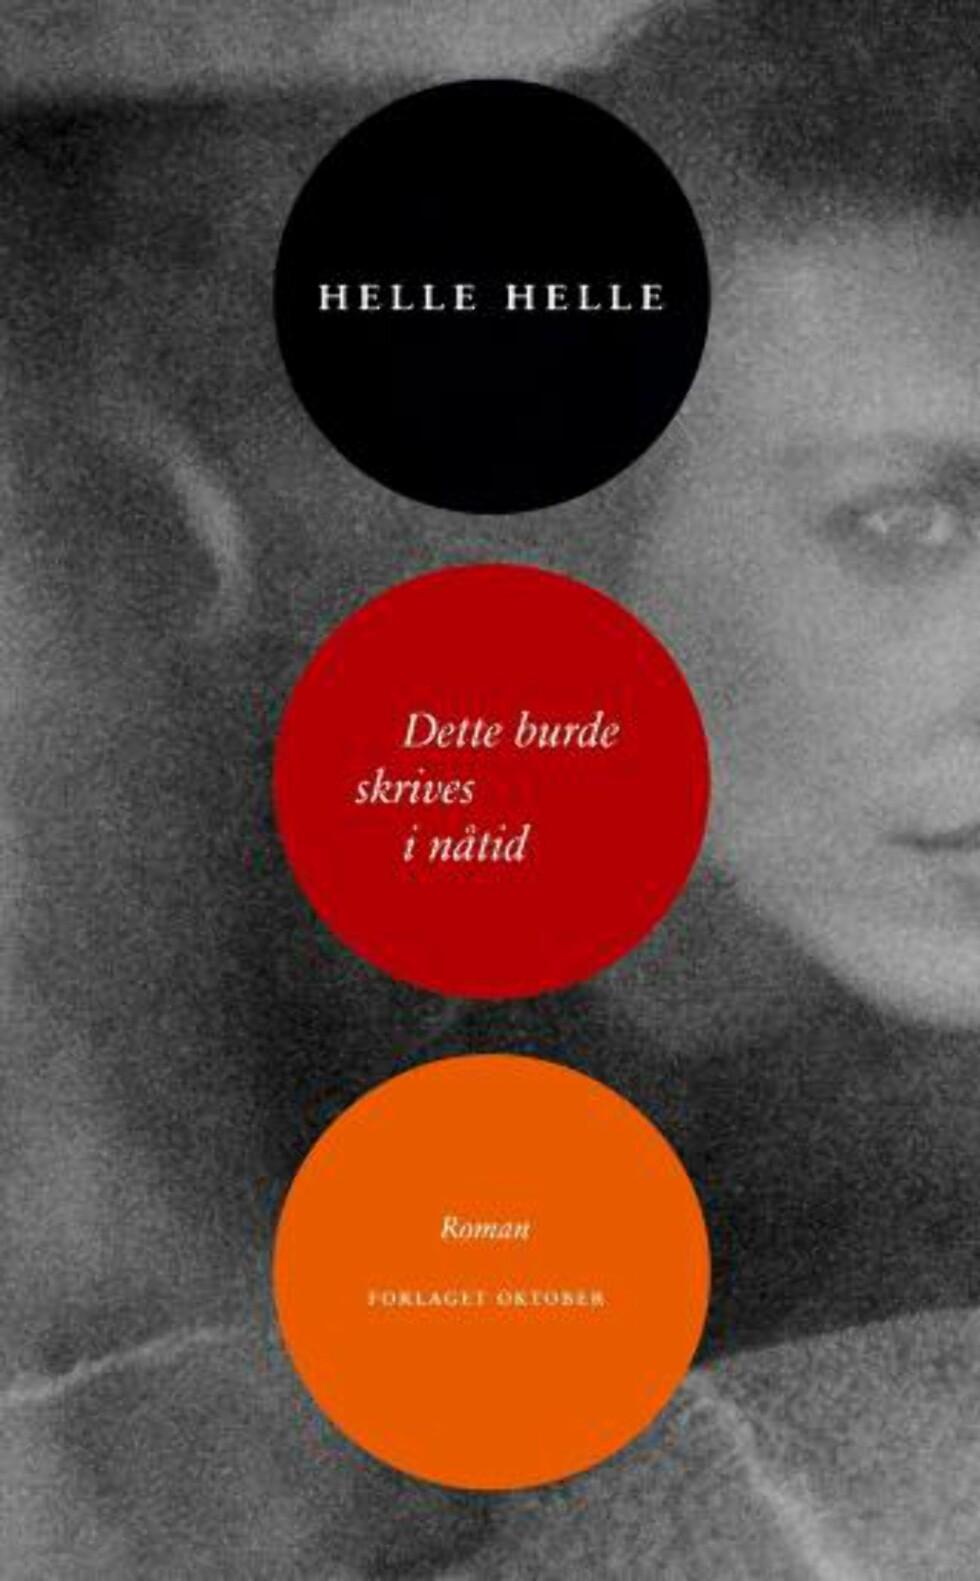 Drepende kjedelig tematikk blir forunderlig nok en pageturner hos Helle Helle